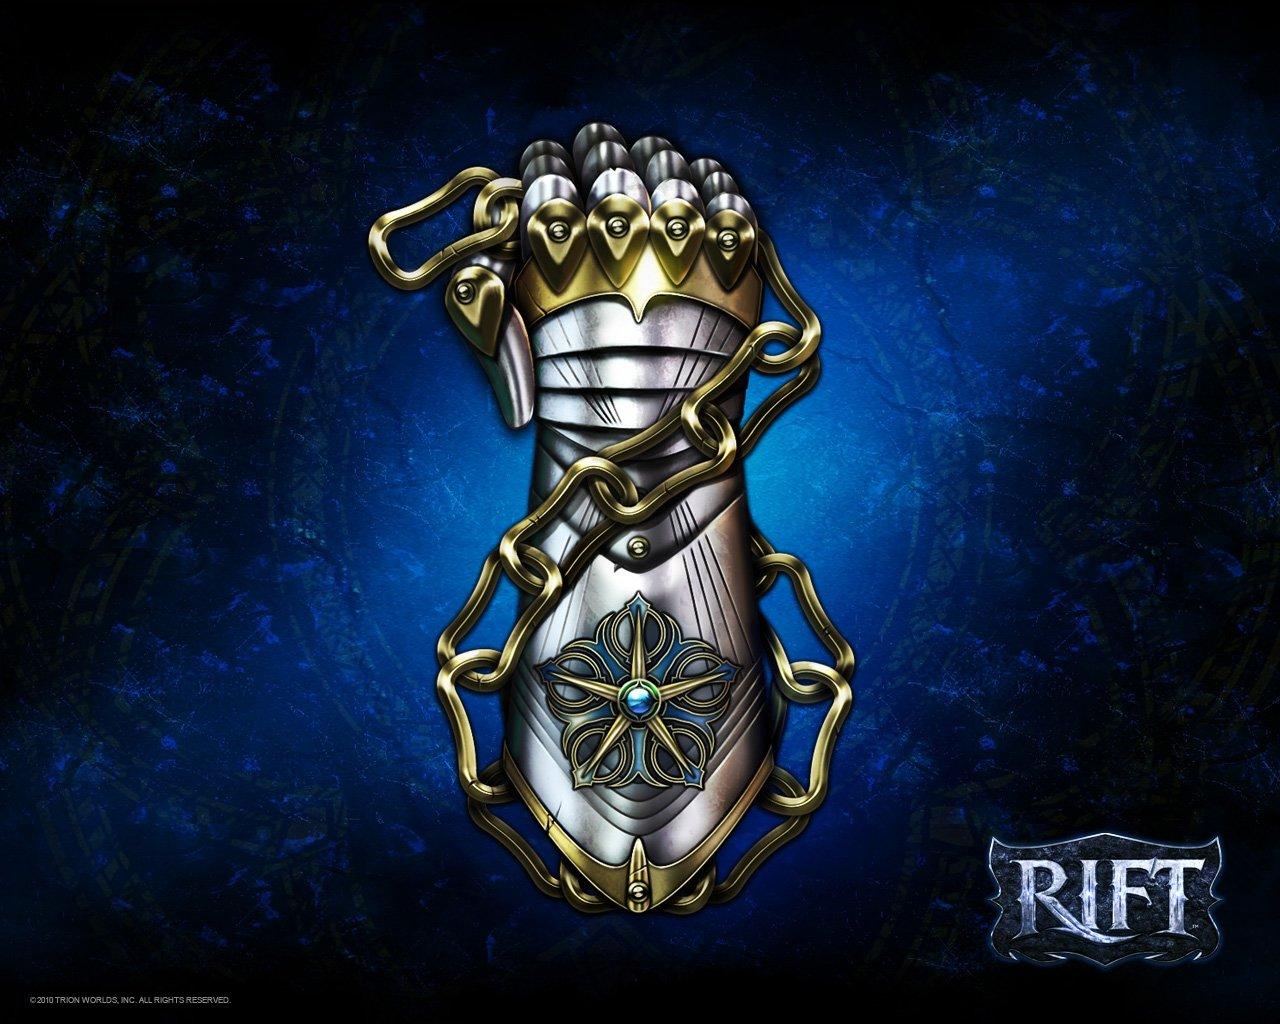 Разработчик игры, американская компания Trion Worlds, приняла решение о переводе RIFT на условно-бесплатную модель о ... - Изображение 1